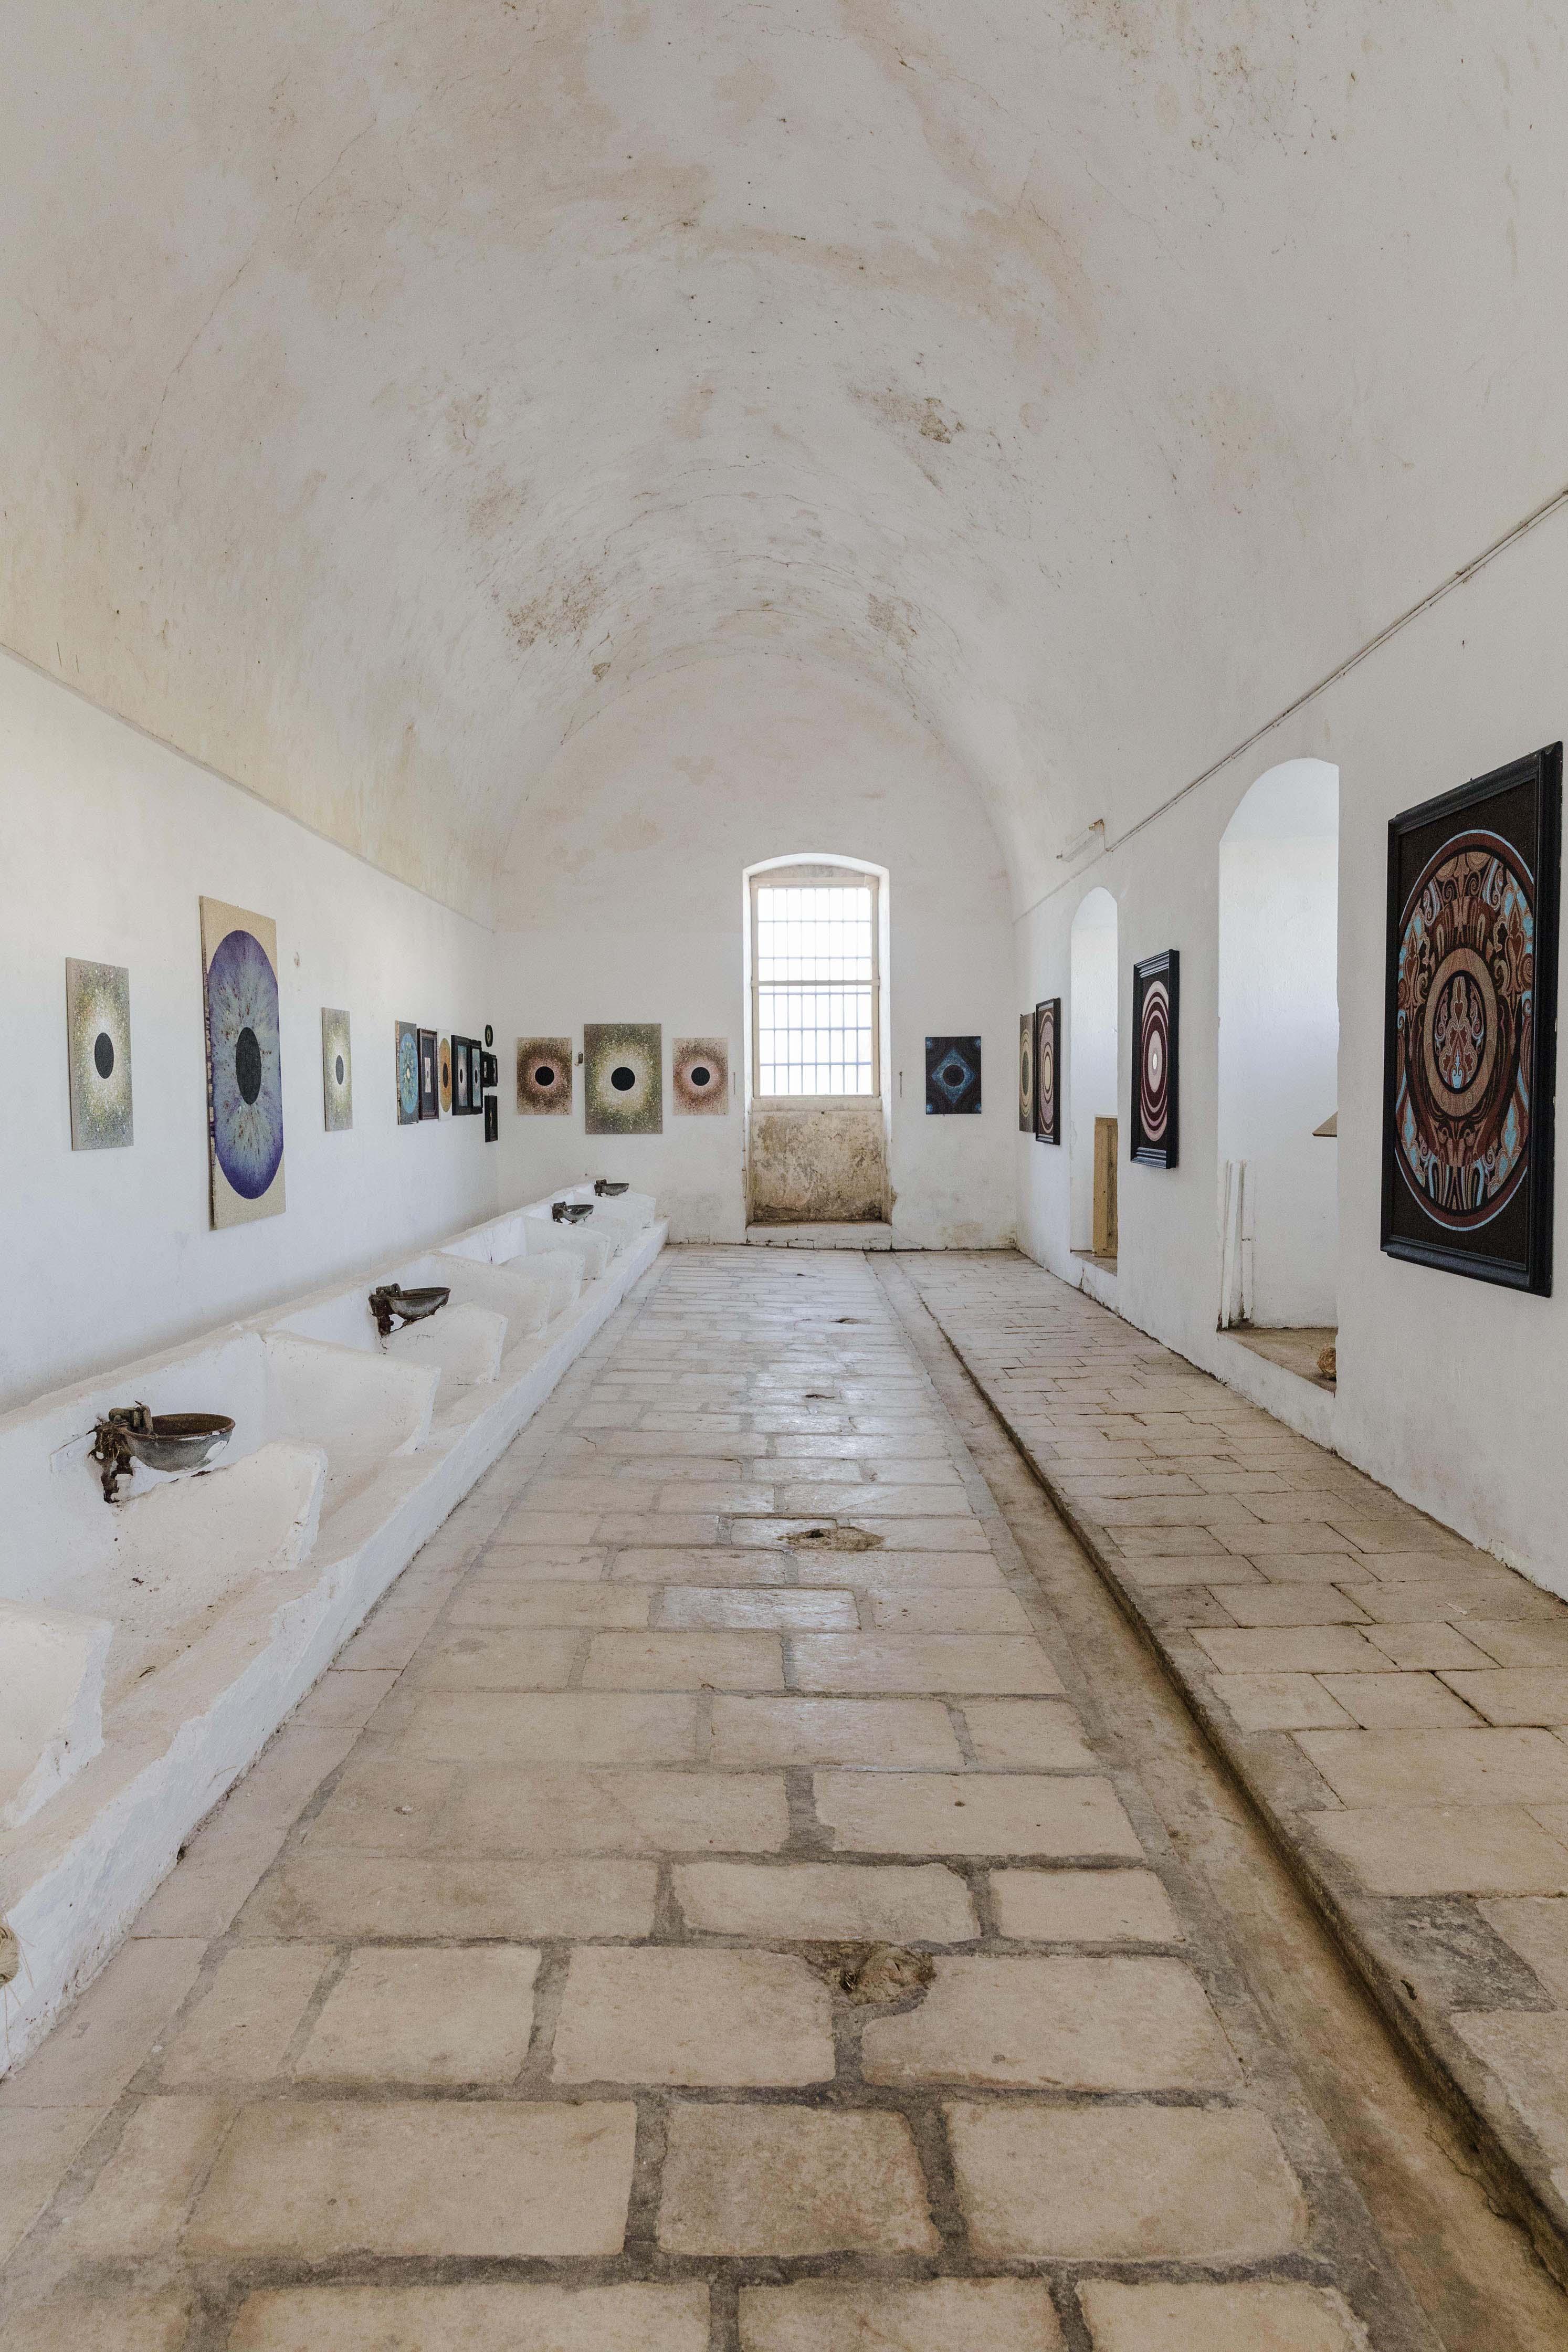 le vecchie stalle della masseria adibite a galleria d'arte